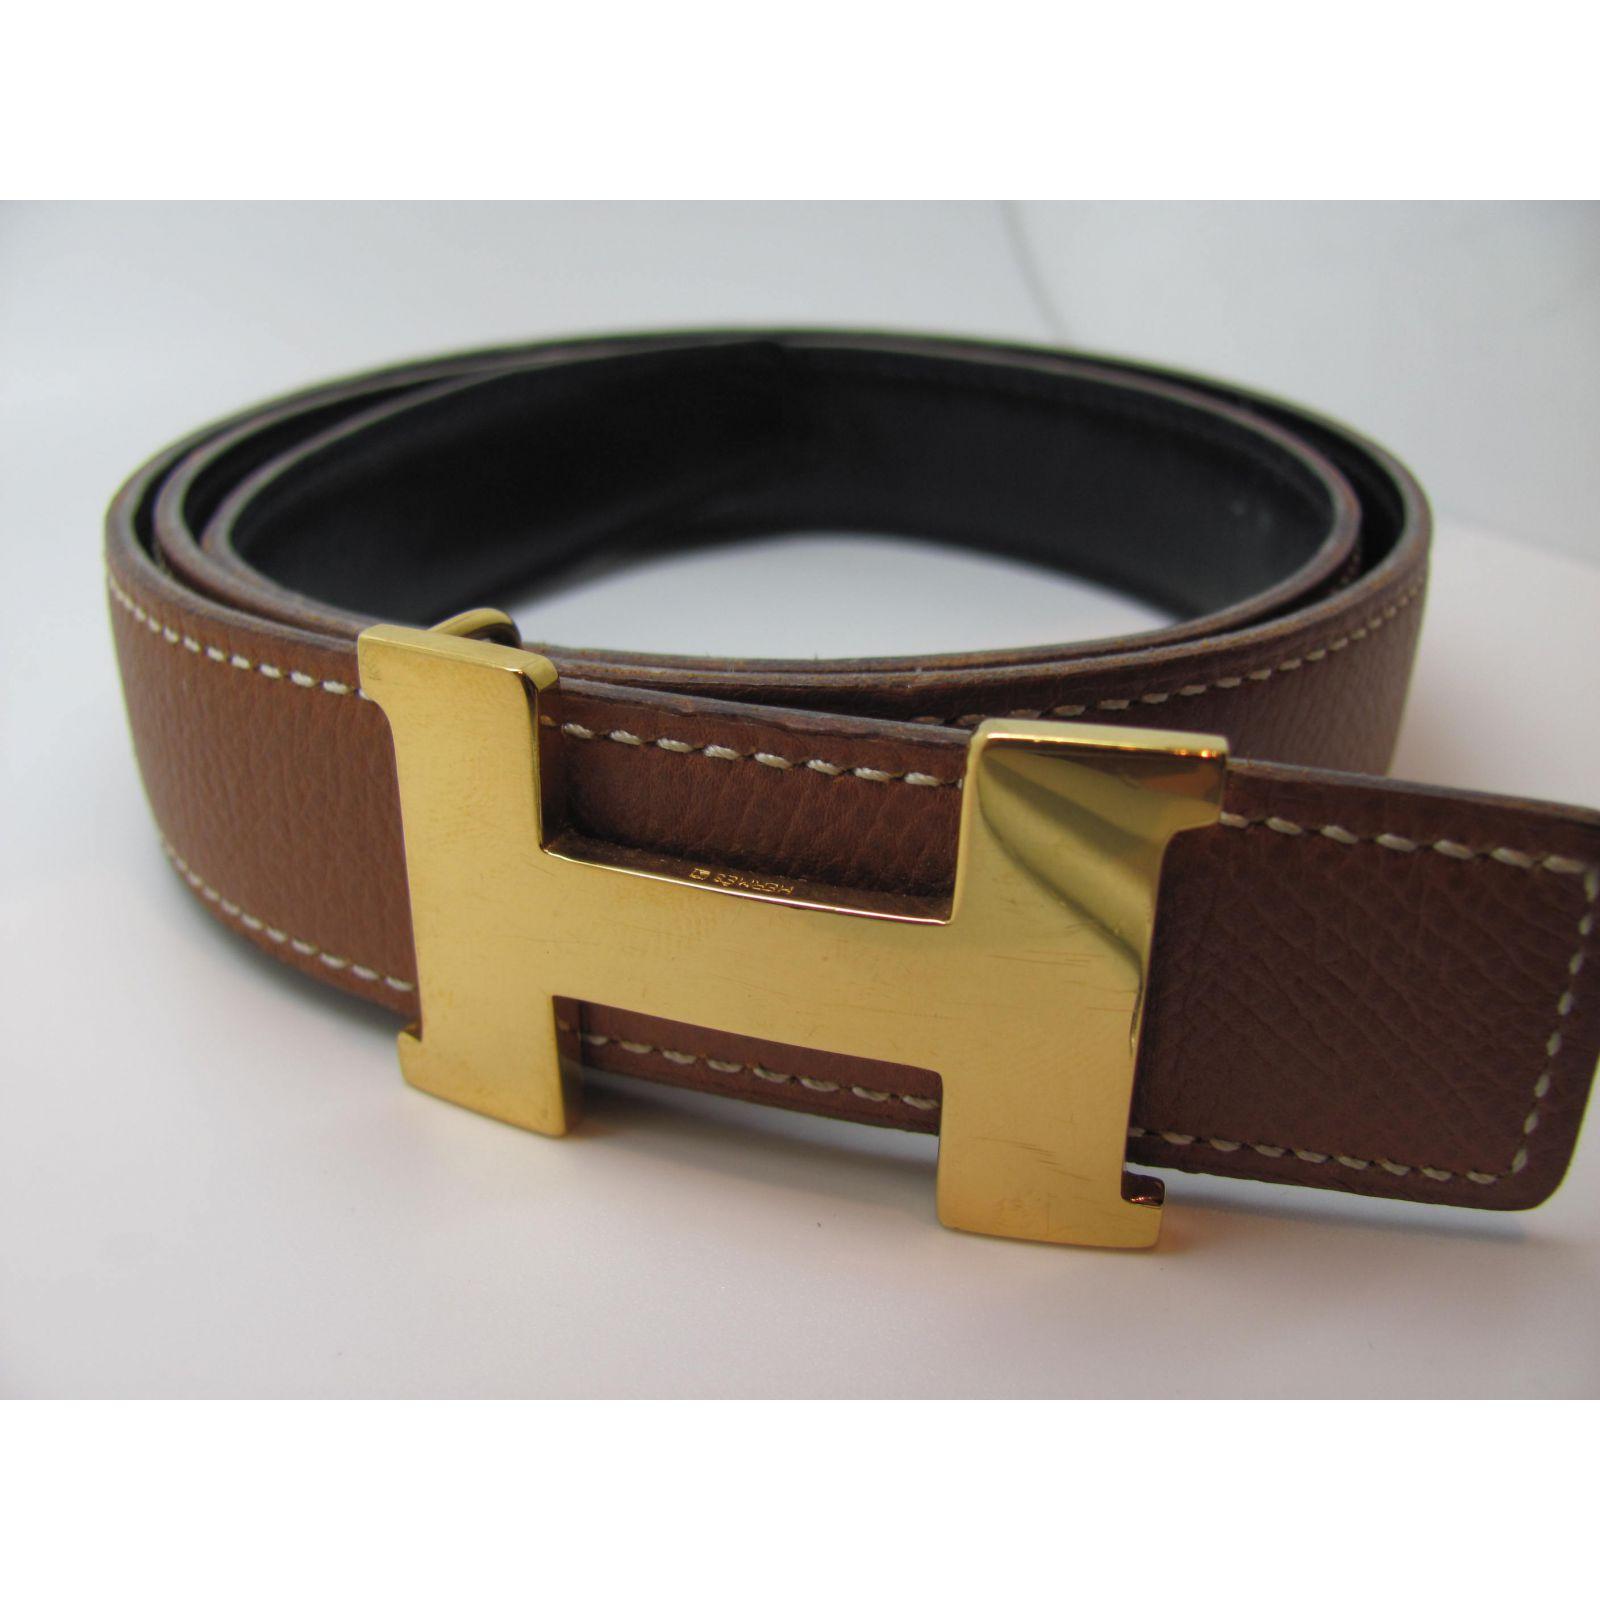 trouvez une ceinture hermes homme pas cher dans les centres commerciaux